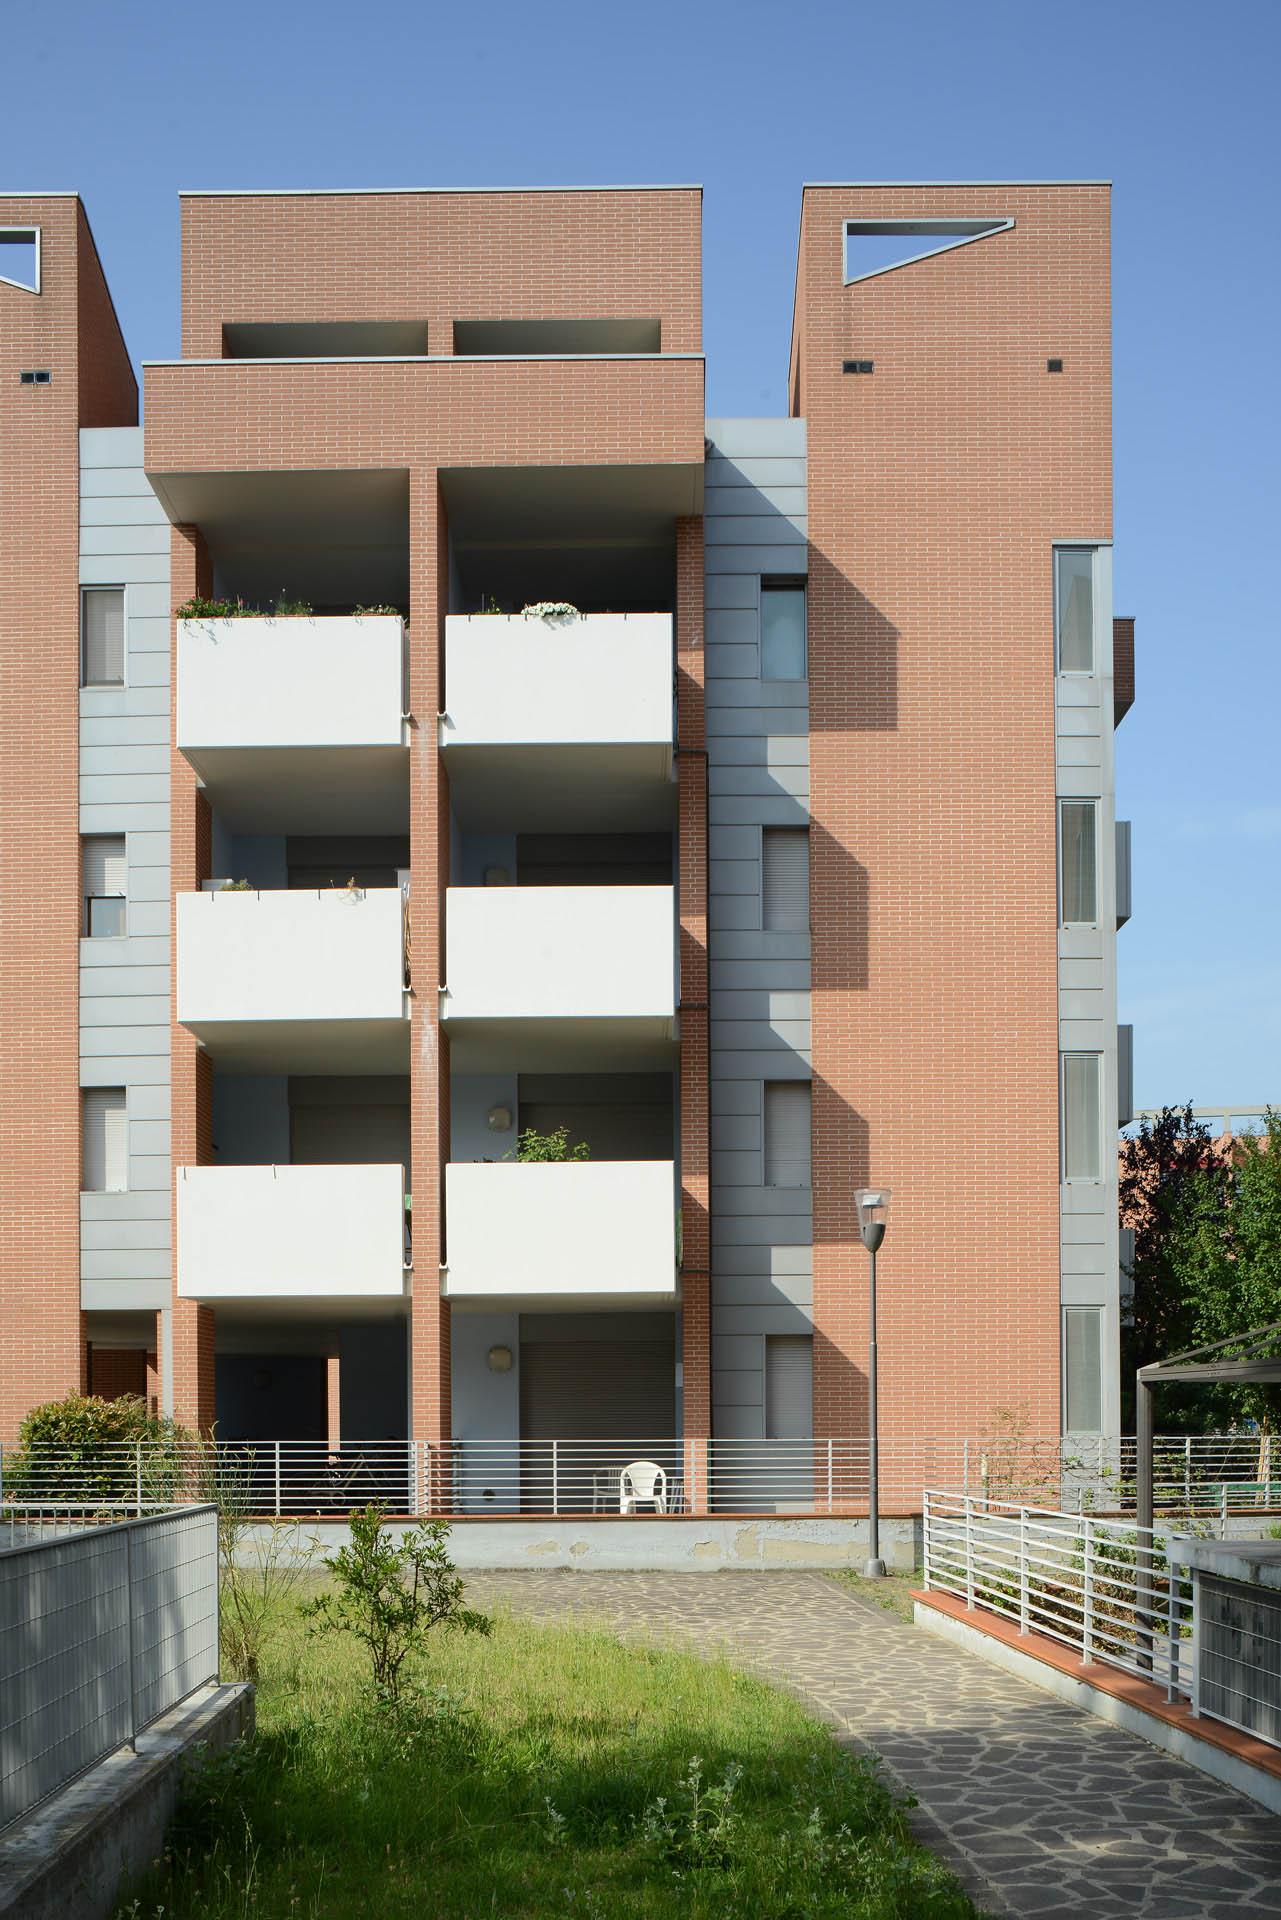 02 Studio Bacchi architetti associati ex cantina sociale img 02